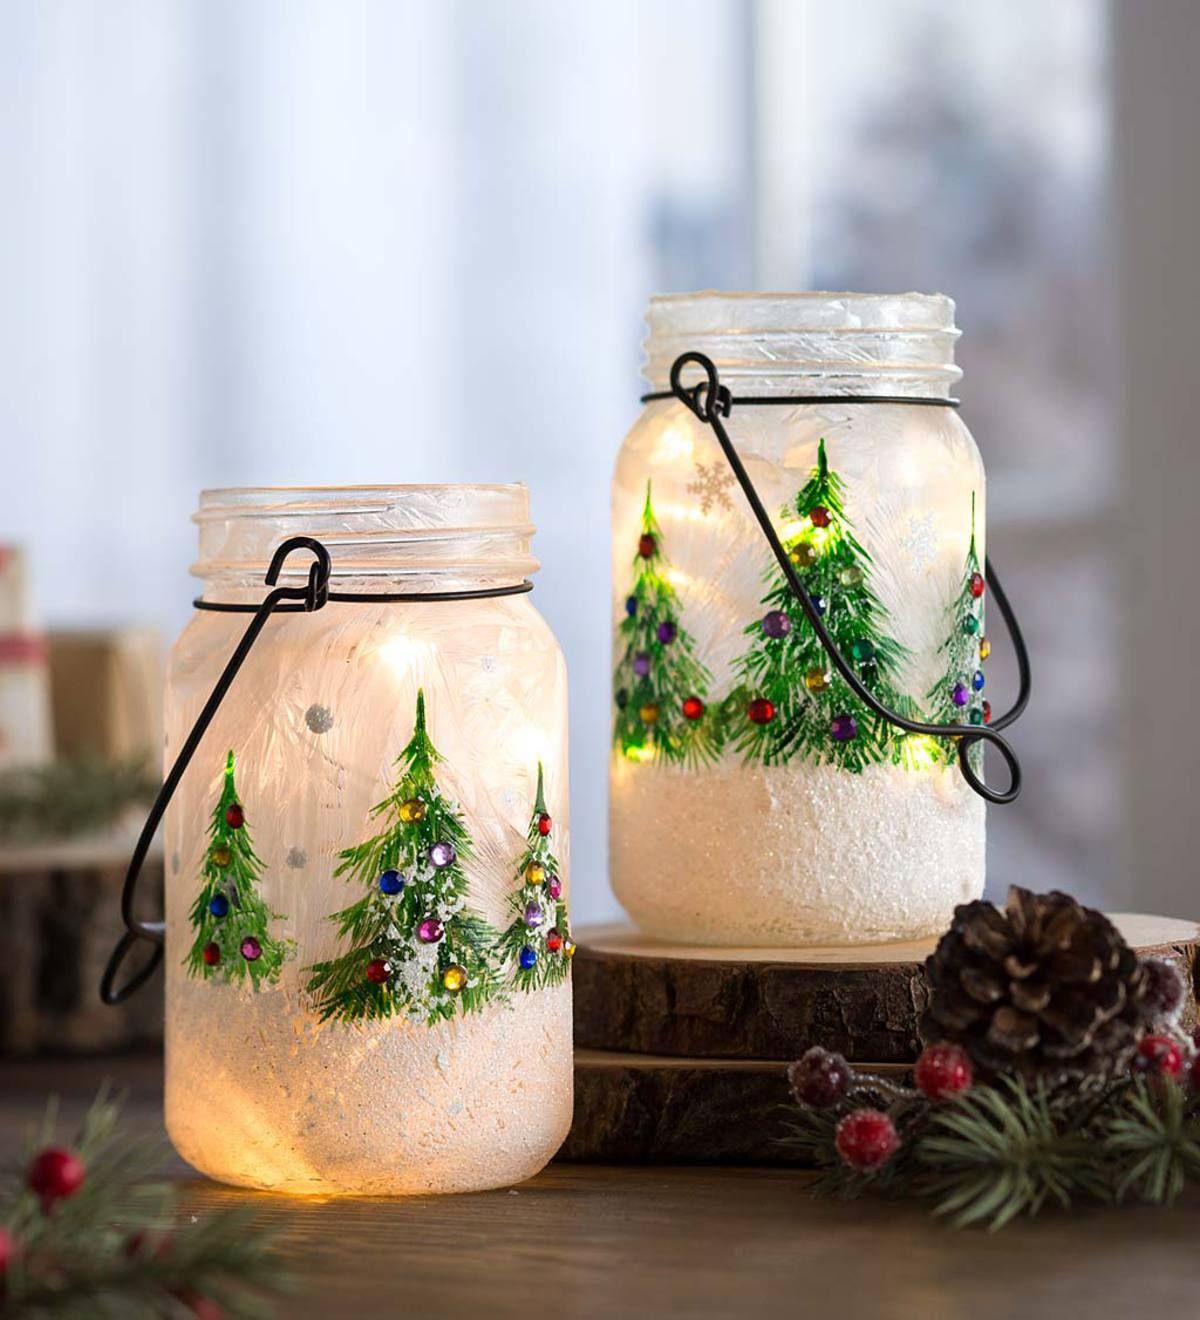 Snowy Christmas Tree Mason Jars Set Of 2 Mason Jar Diy Diy Mason Jar Gifts Christmas Christmas Mason Jars Diy